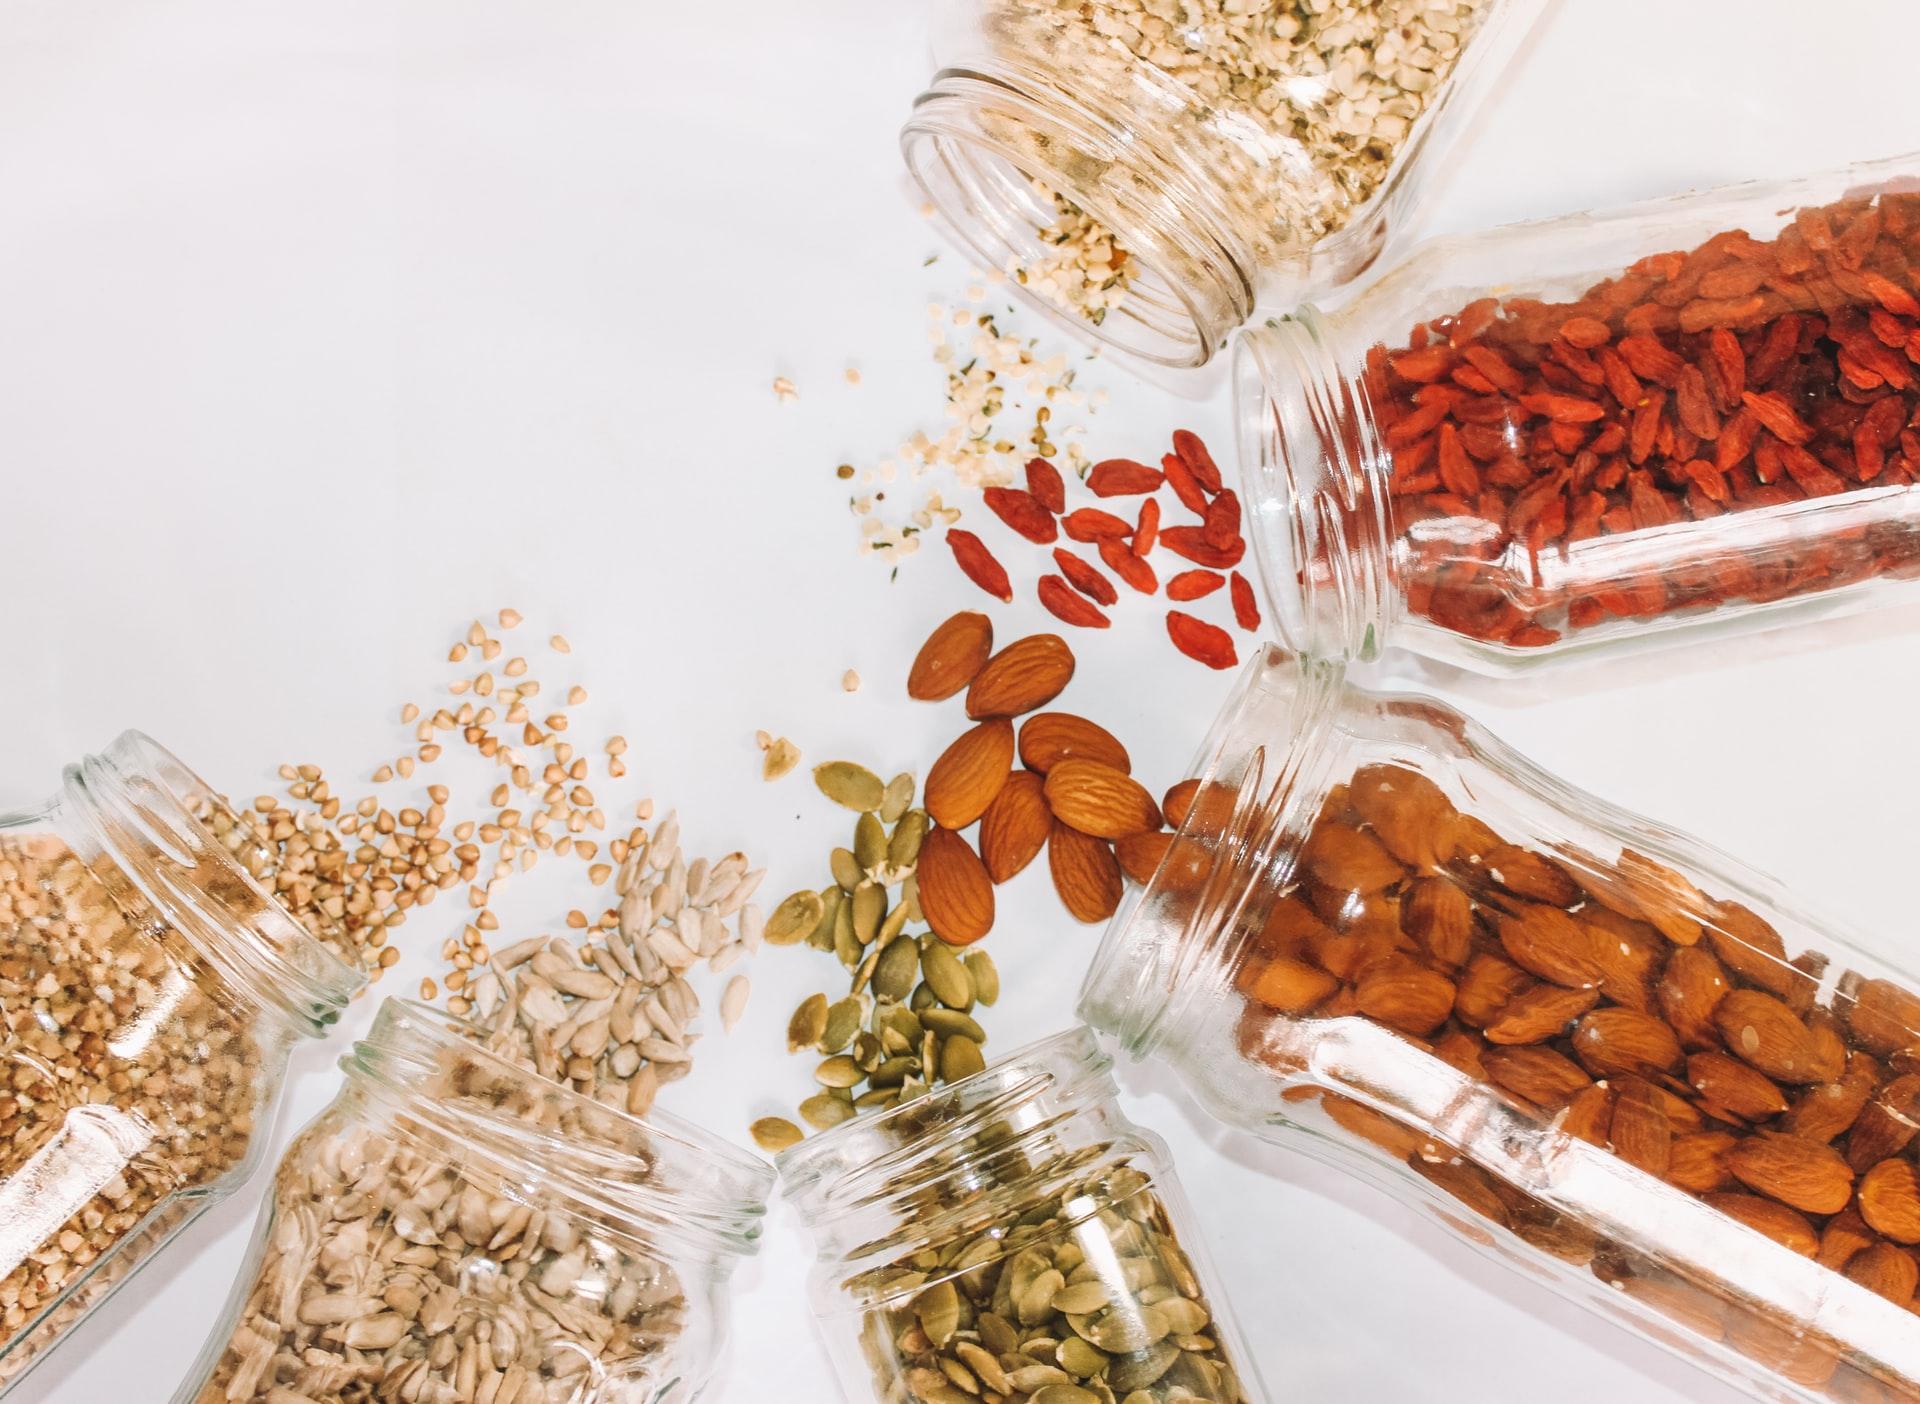 Kenali Jenis Kacang Makanan Dan Kegunaanya